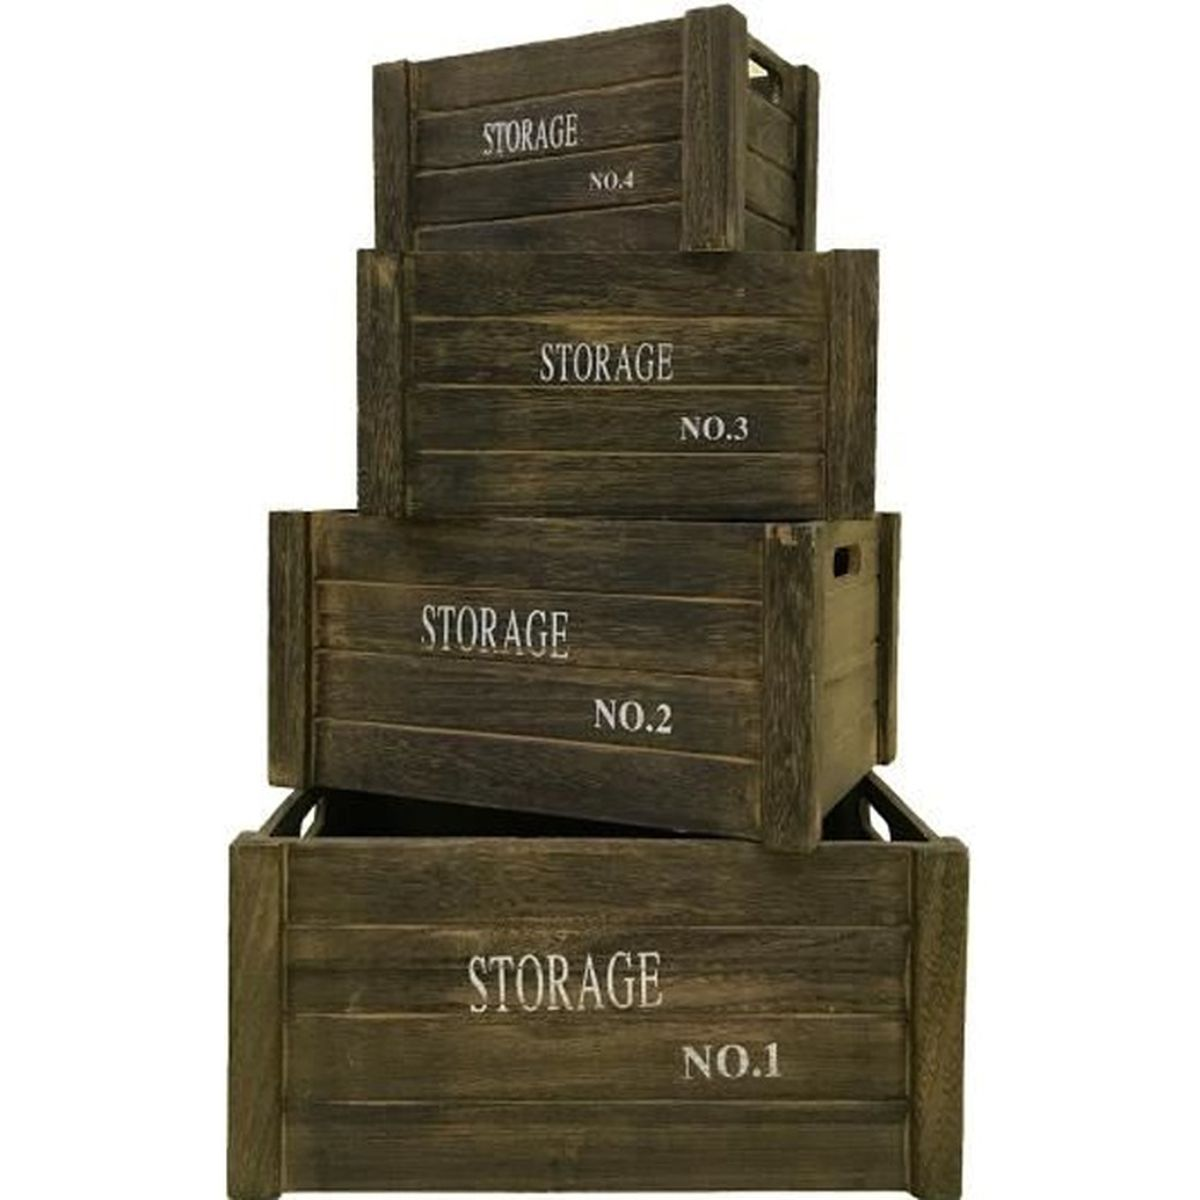 caisse de rangement en bois achat vente caisse de rangement en bois pas cher soldes d s. Black Bedroom Furniture Sets. Home Design Ideas